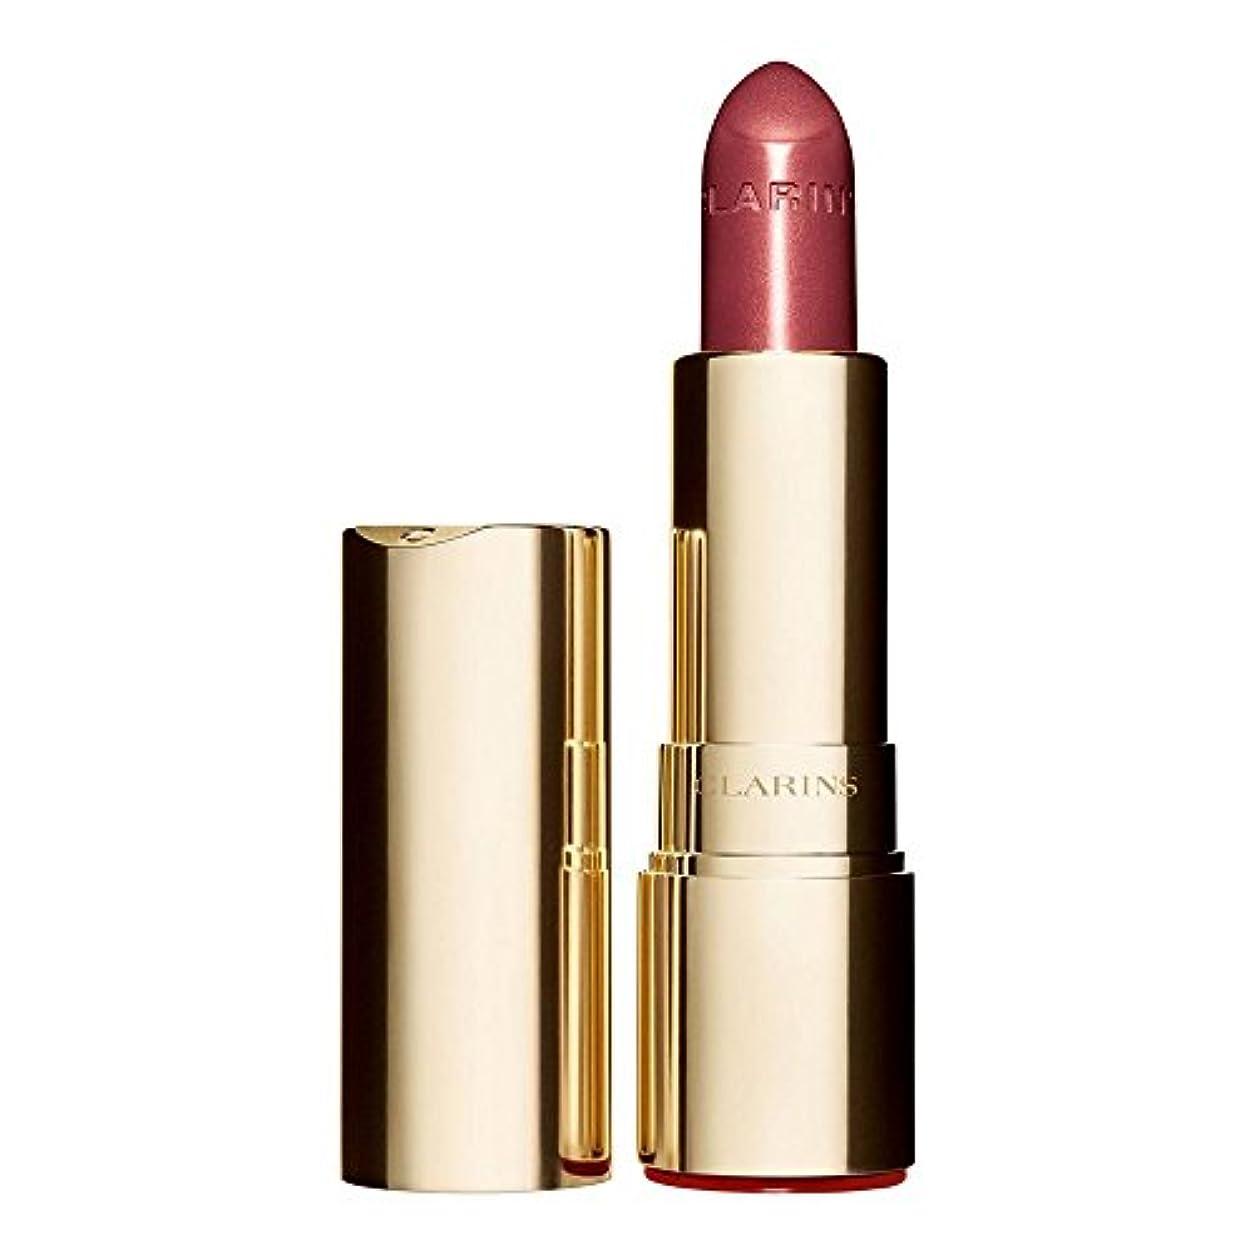 クラランス Joli Rouge Brillant (Moisturizing Perfect Shine Sheer Lipstick) - # 732S Grenadine 3.5g/0.1oz並行輸入品